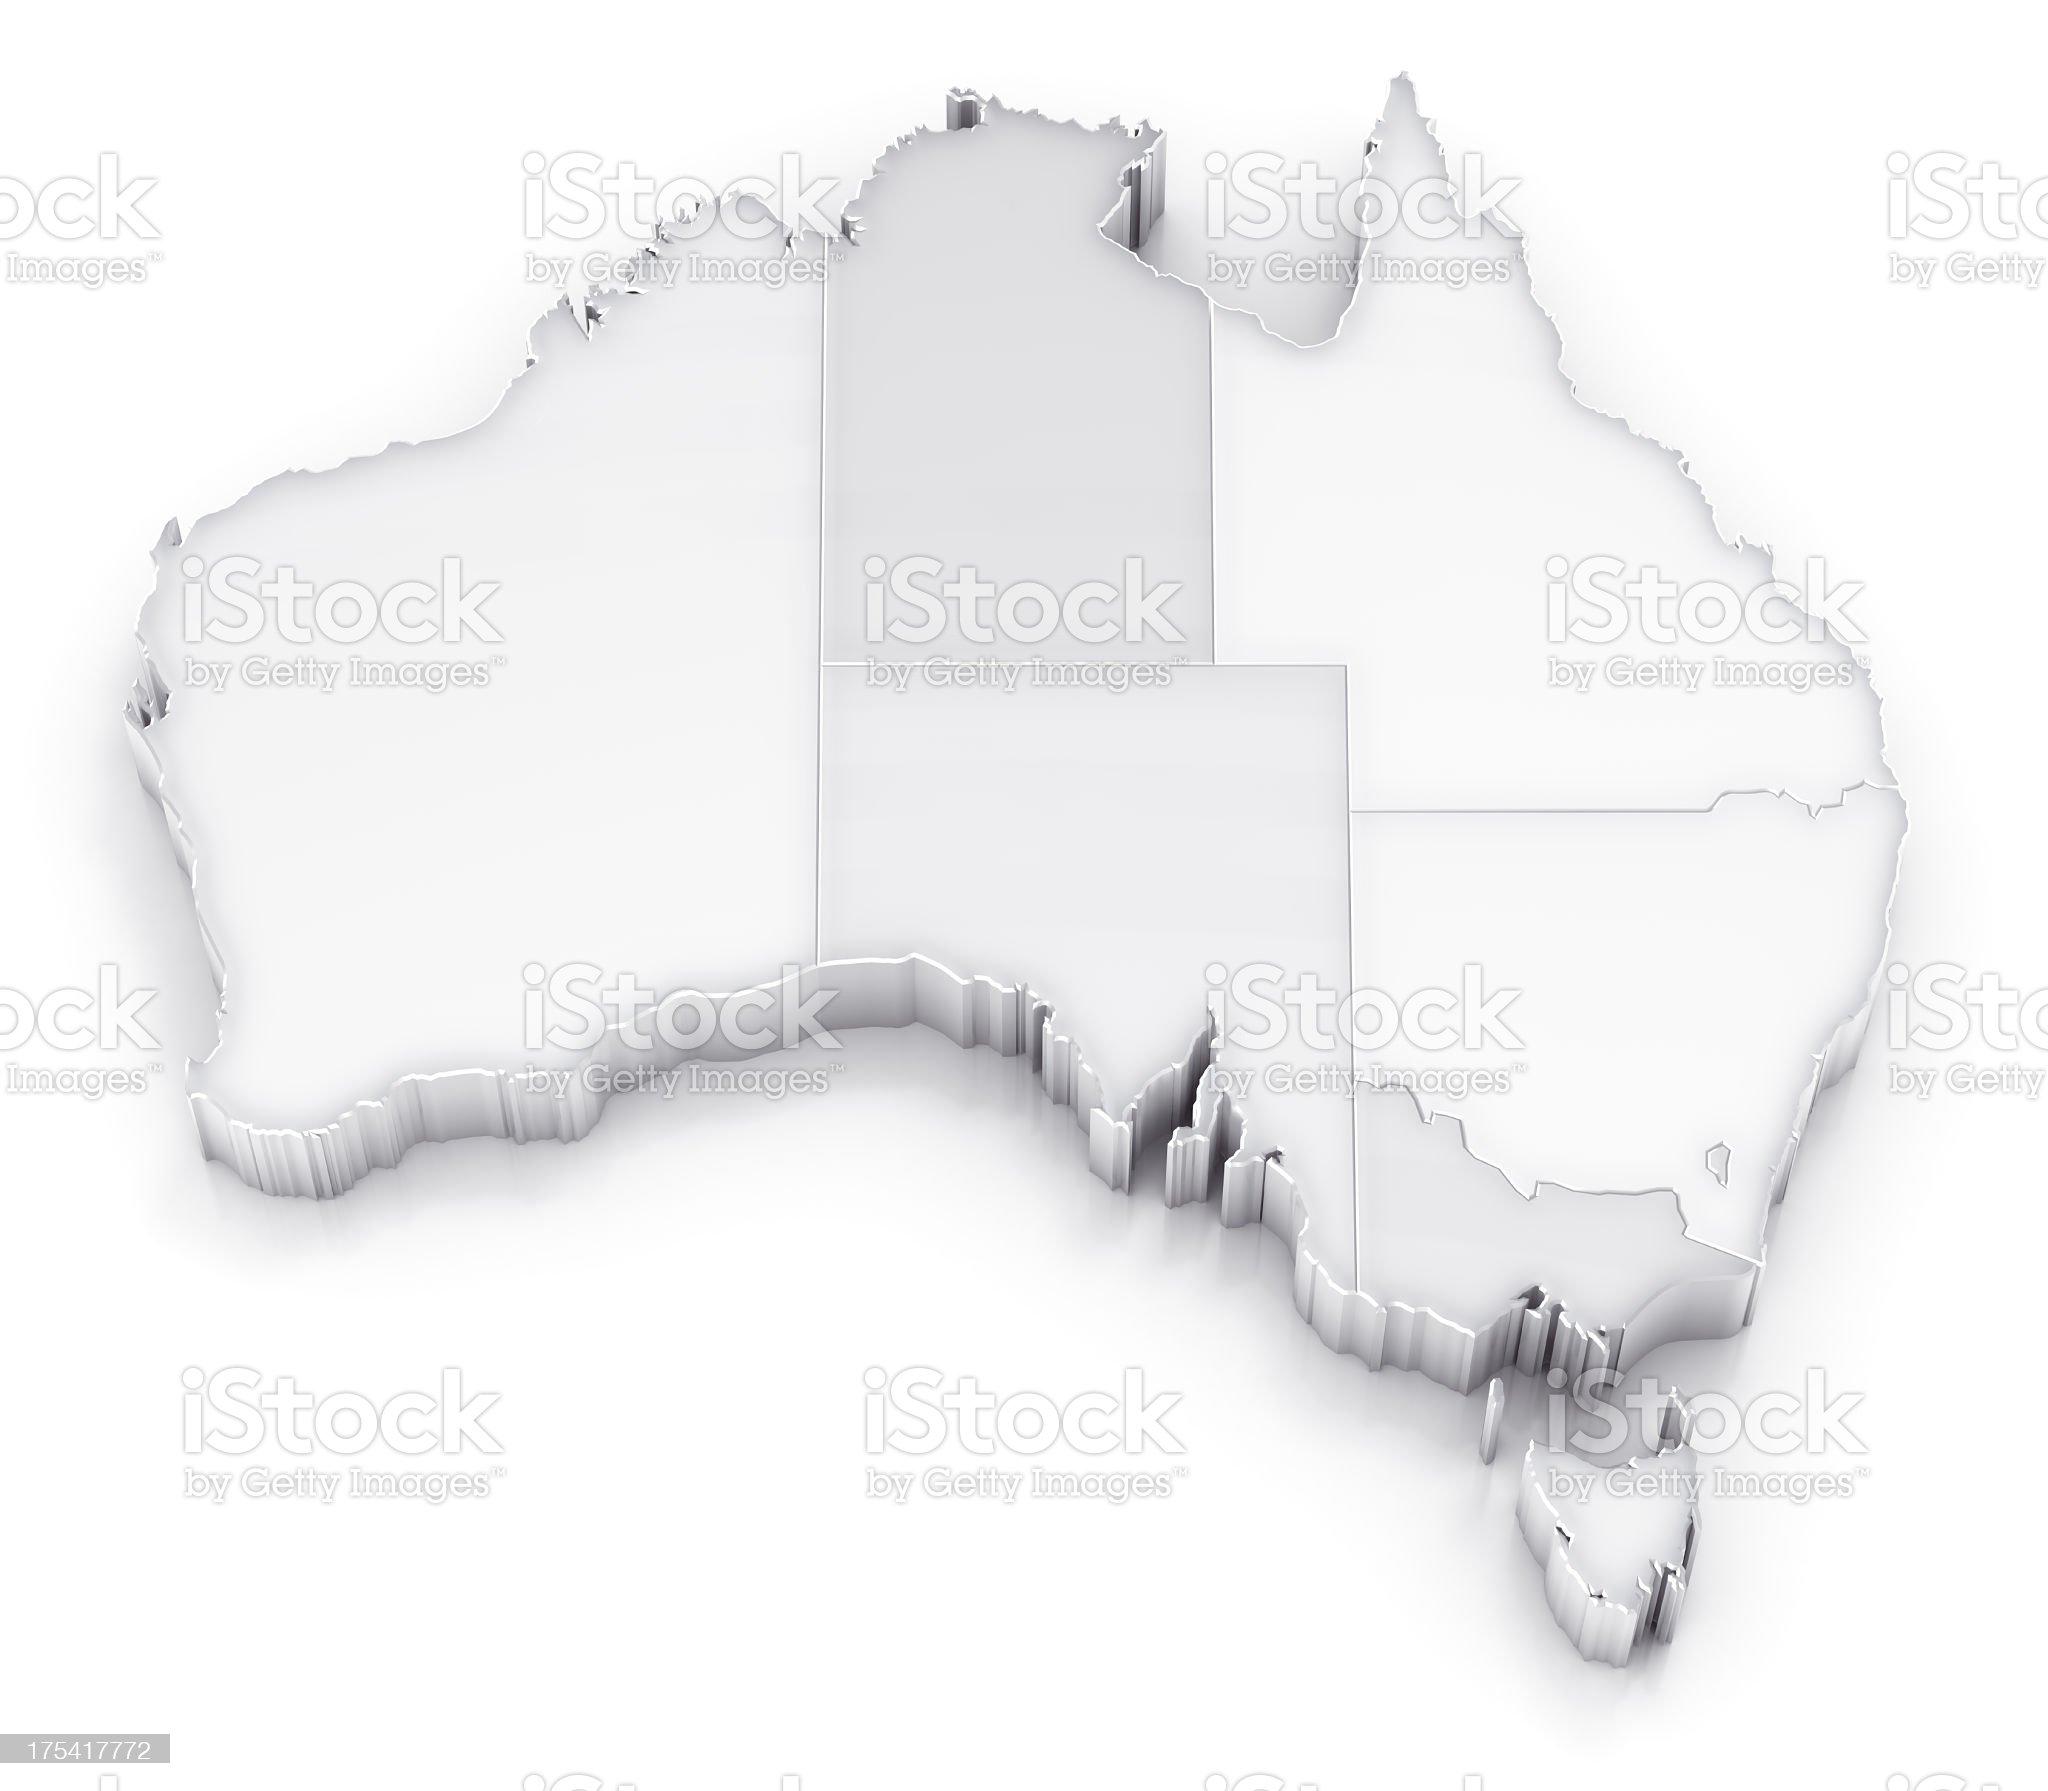 Australia map with states white version royalty-free stock photo